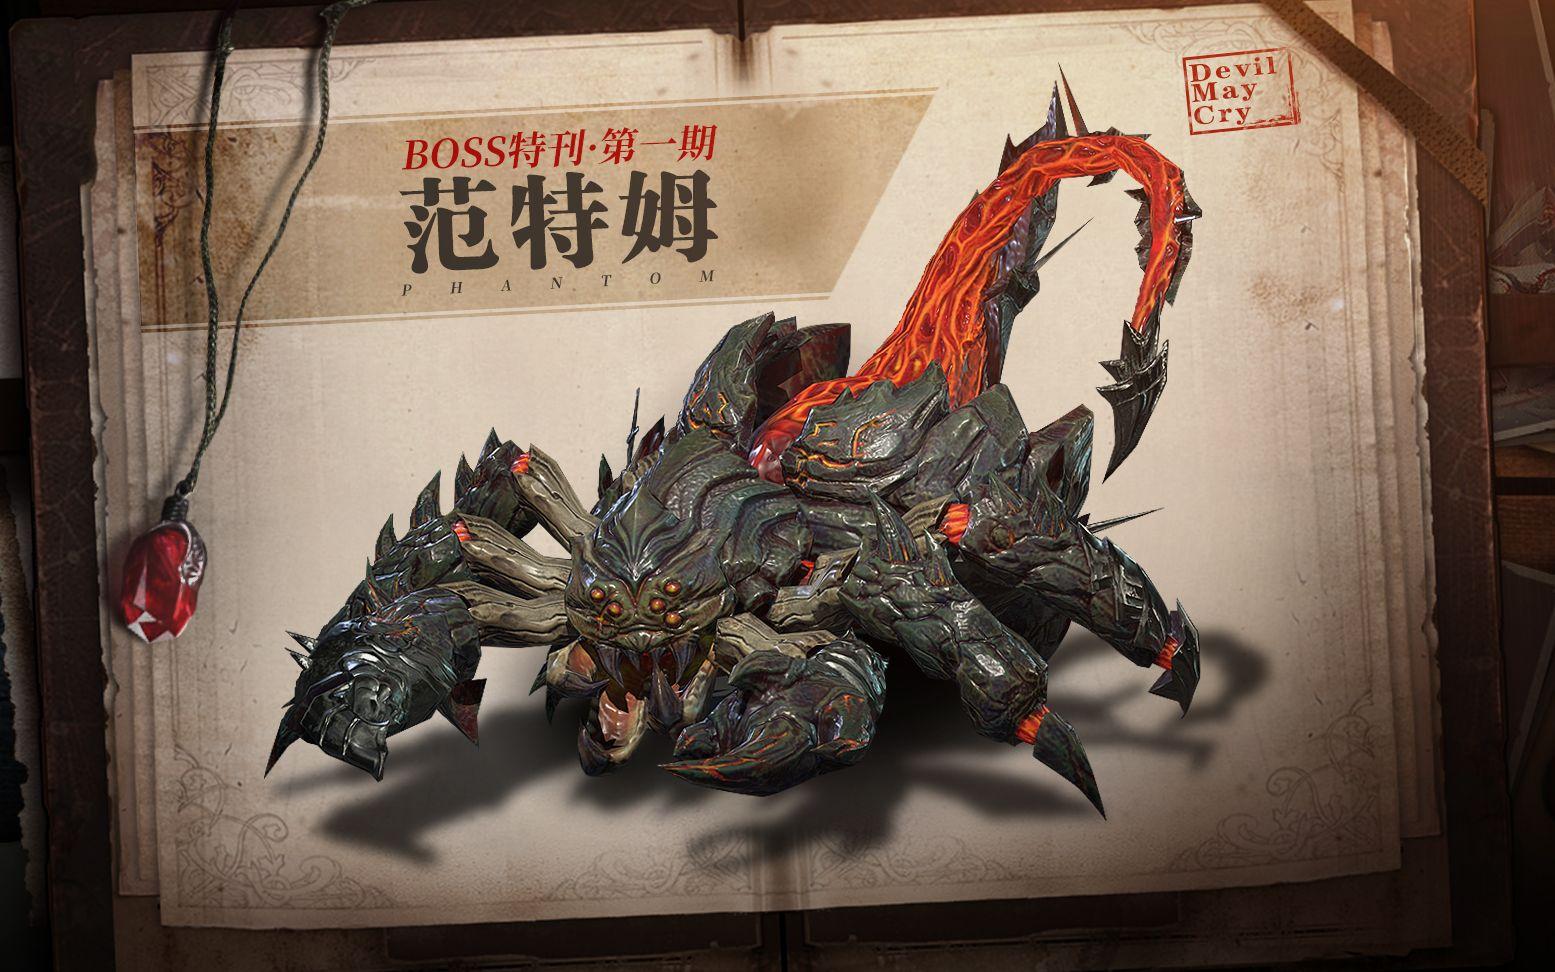 《鬼泣-巅峰之战》BOSS特刊 第1期:范特姆—熔岩咆哮 狂怒中降生的巨型怪物!